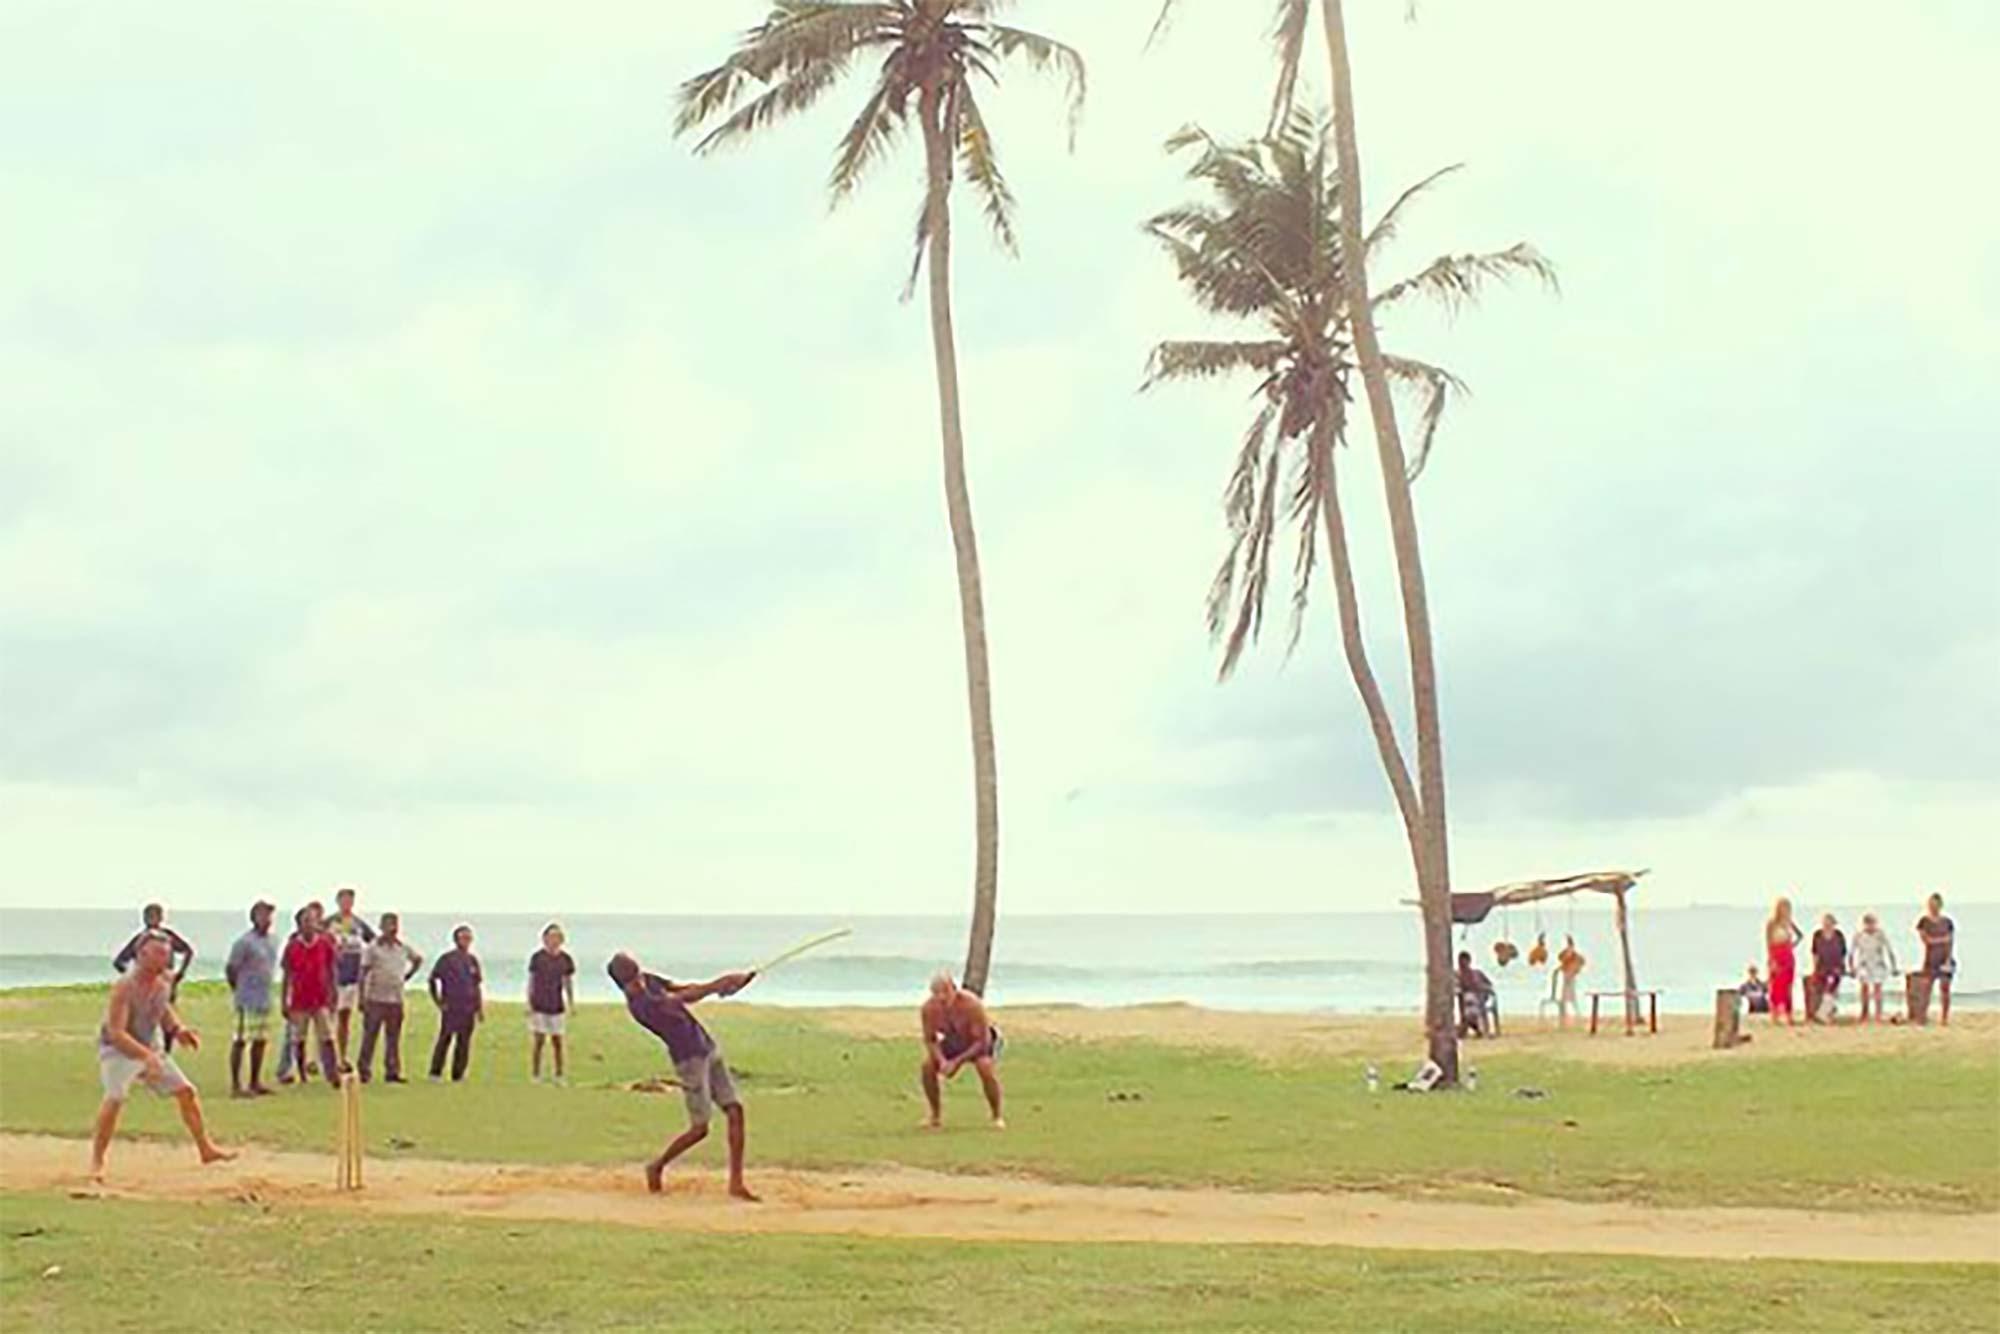 https://www.soulandsurf.com/wp-content/uploads/2021/08/Lanka-Guide-Images-Lion_s-Rest-Grass.jpg Image